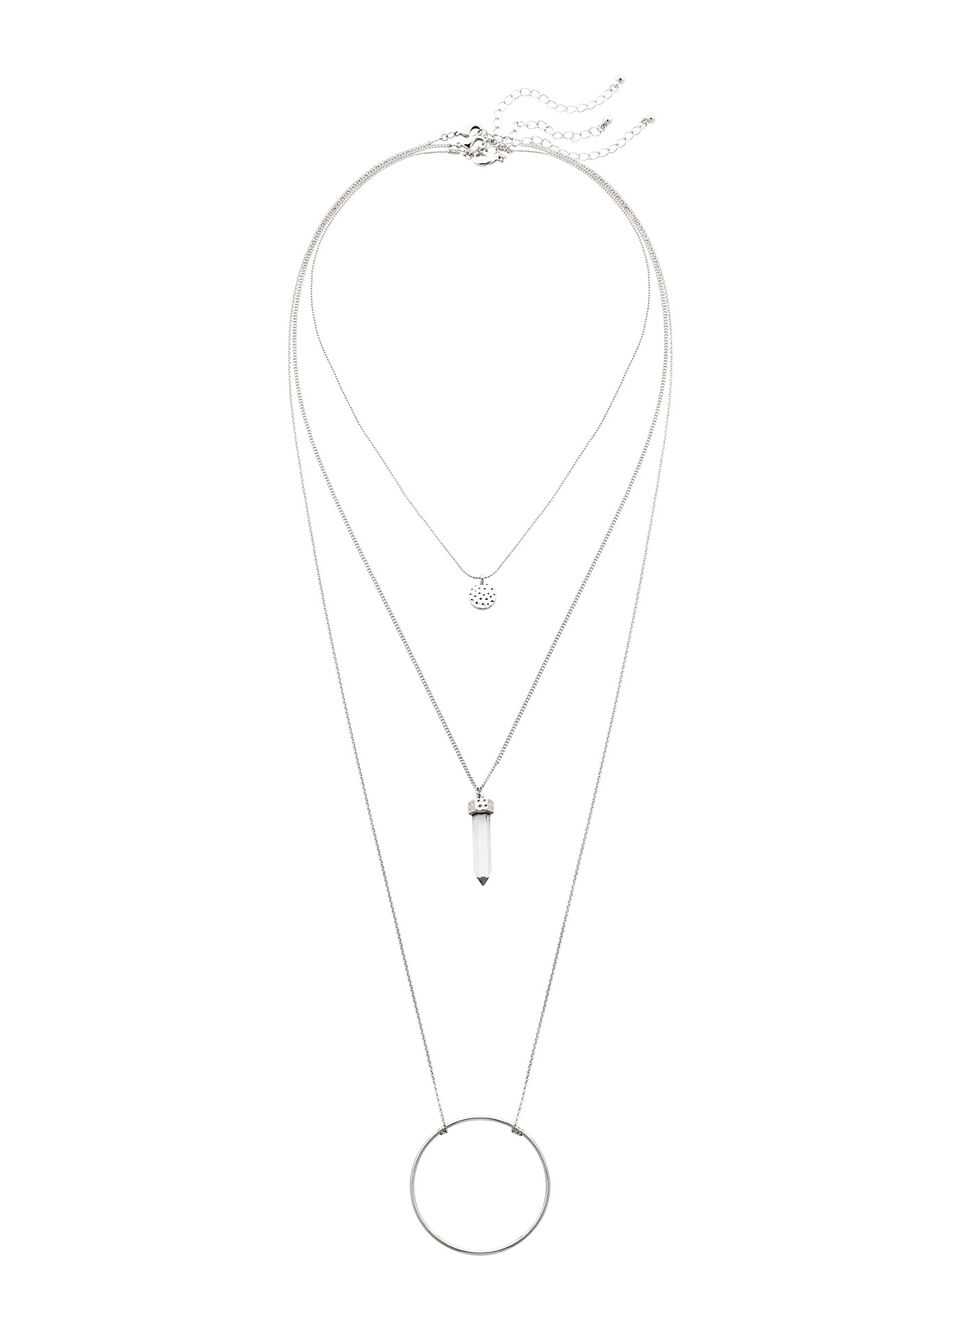 Komplet łańcuszków (3 części) bonprix srebrny kolor